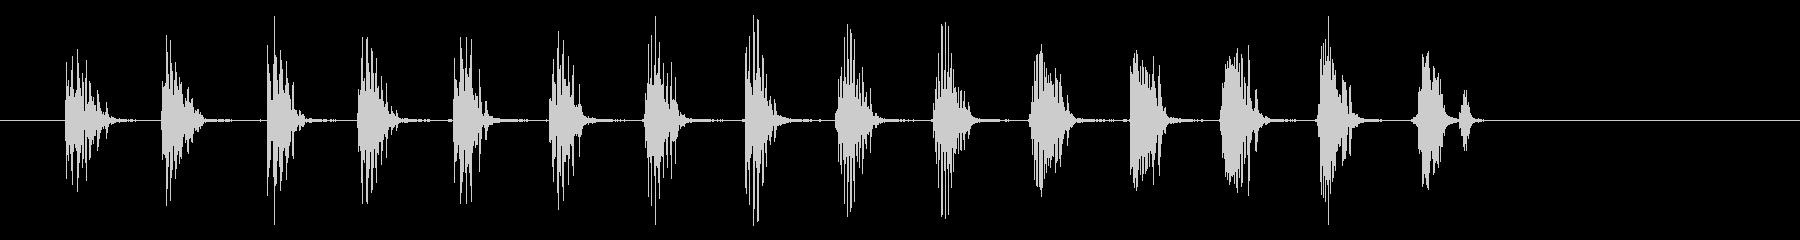 昇順、ショートクリーク(つまり、ジ...の未再生の波形